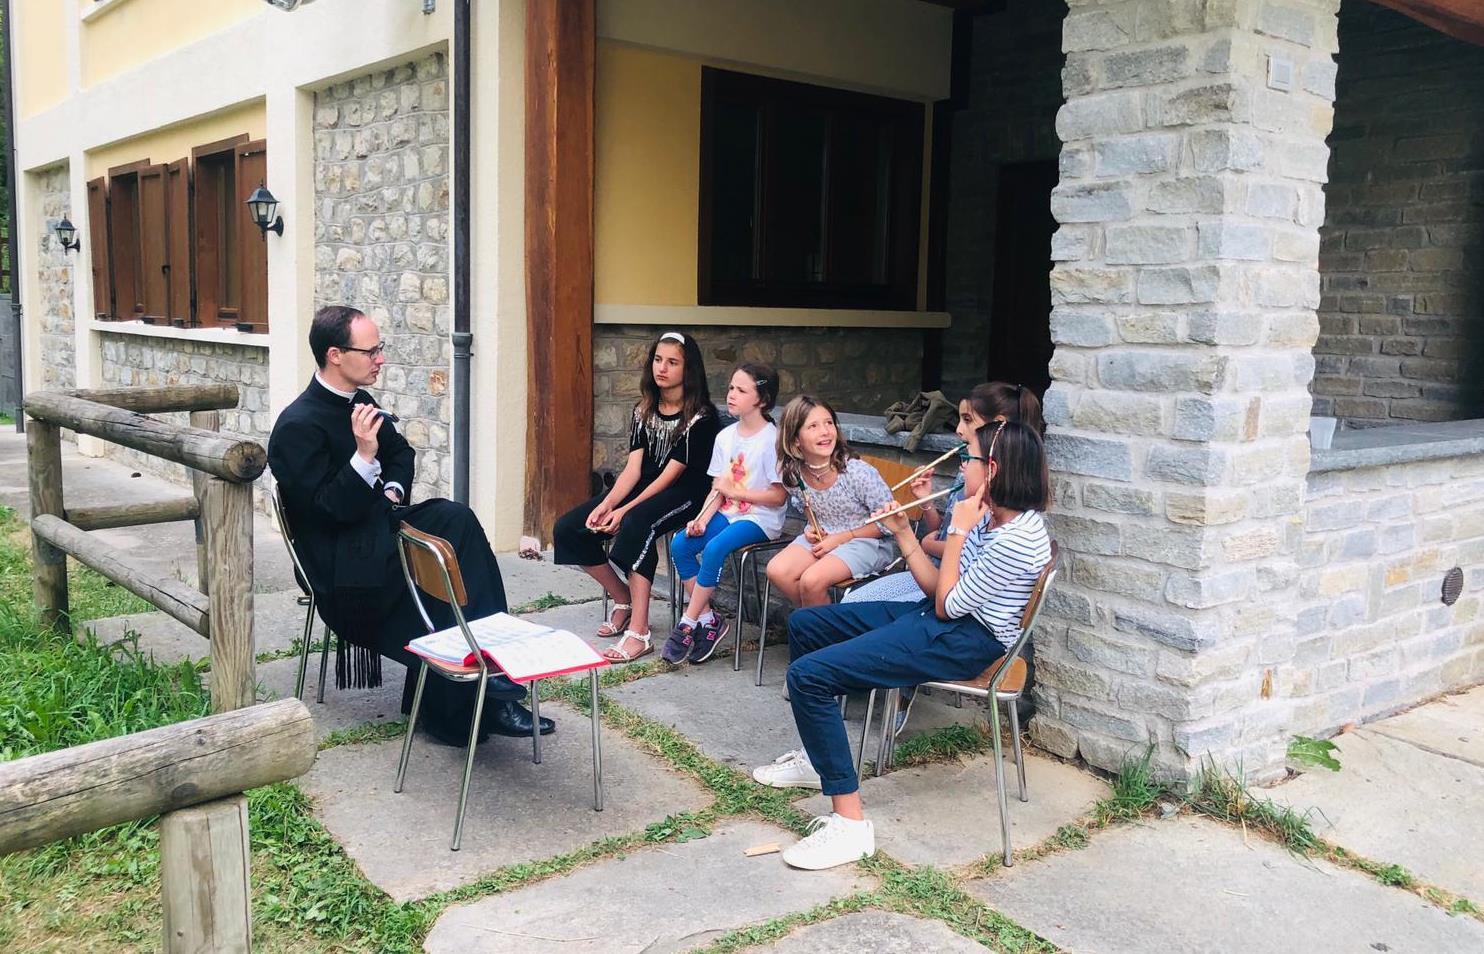 Campo estivo per ragazze nelle Alpi, 19-29 luglio 2021